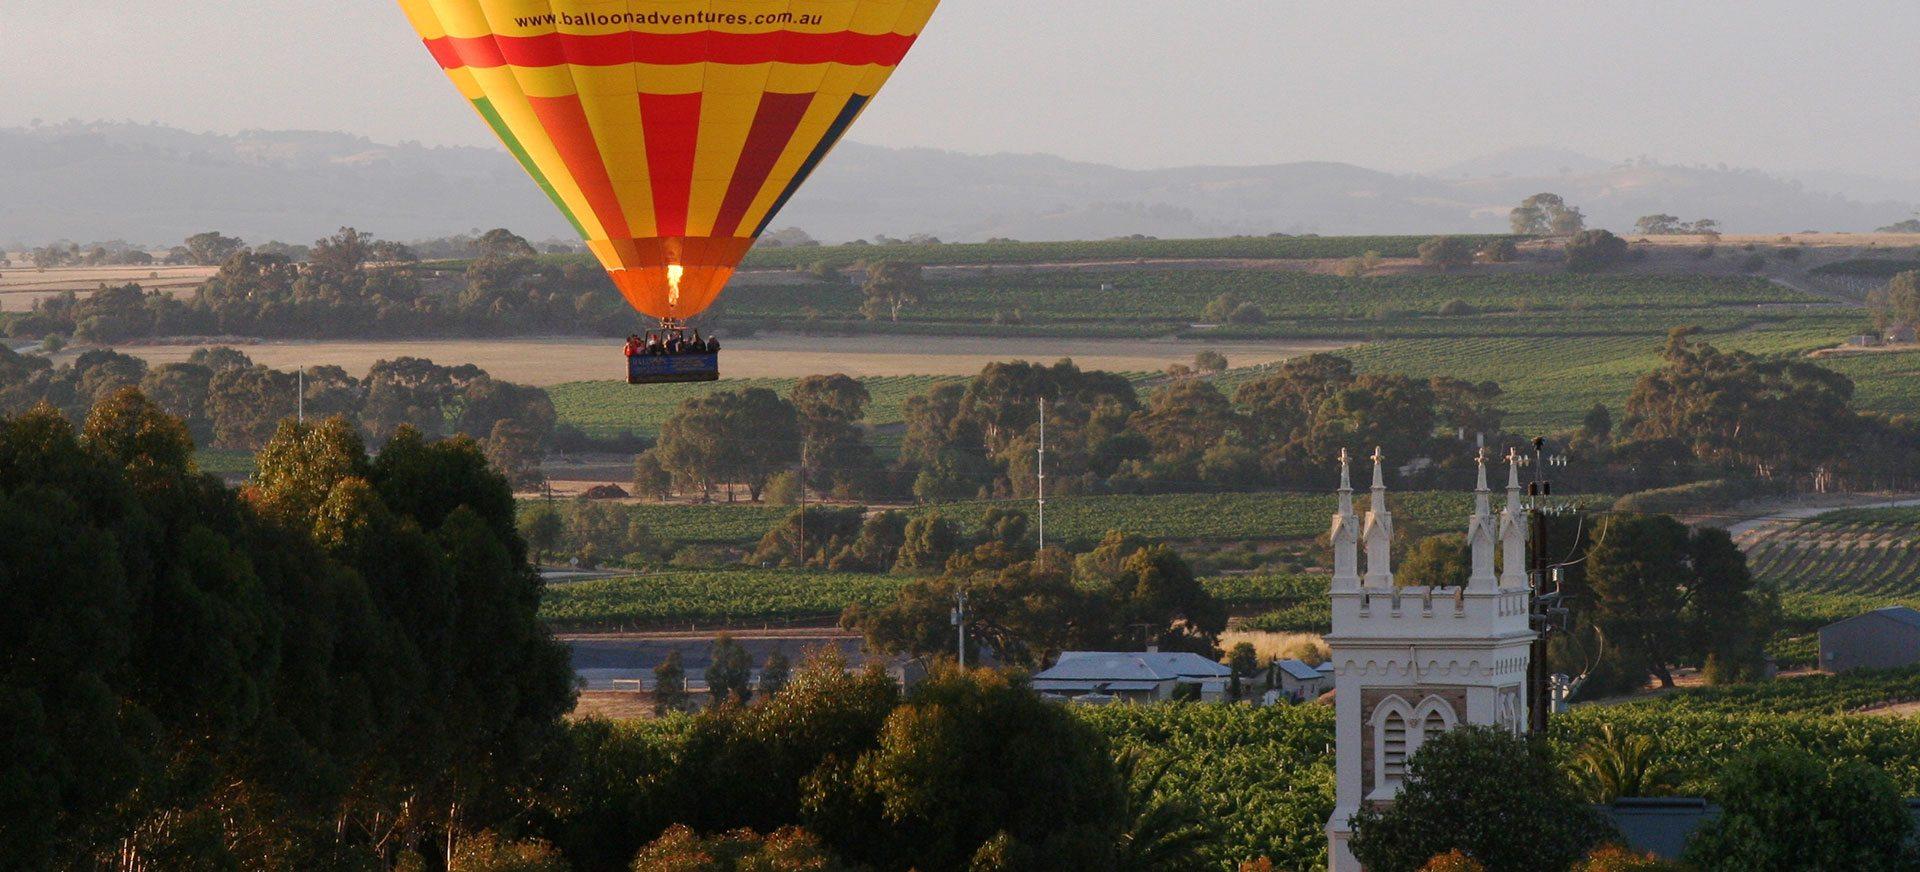 balloon-adventures-barossa-valley-hot-air-balloon-flights-5